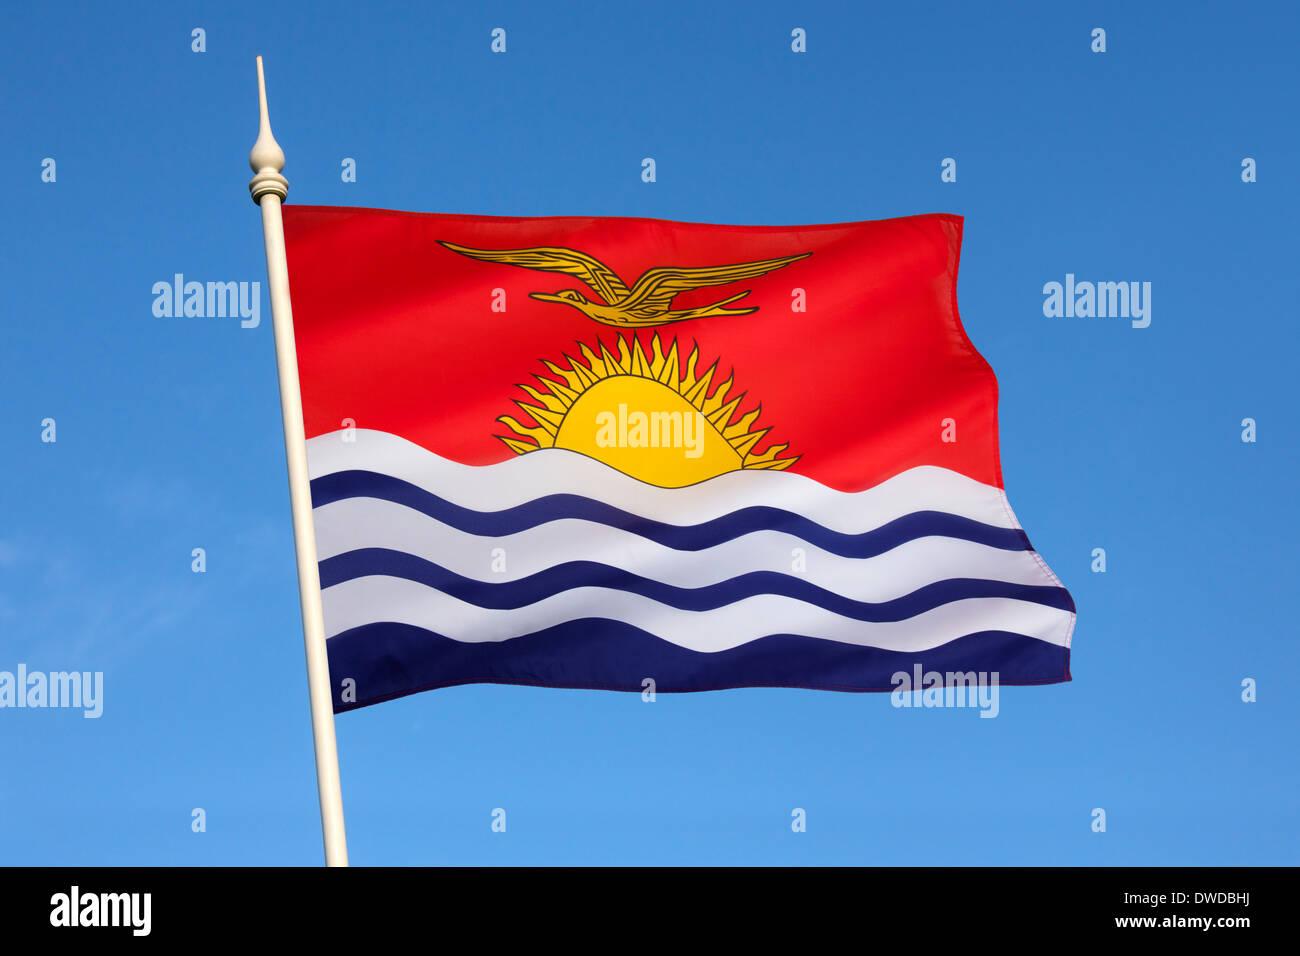 Flag of Kiribati - South Pacific. - Stock Image